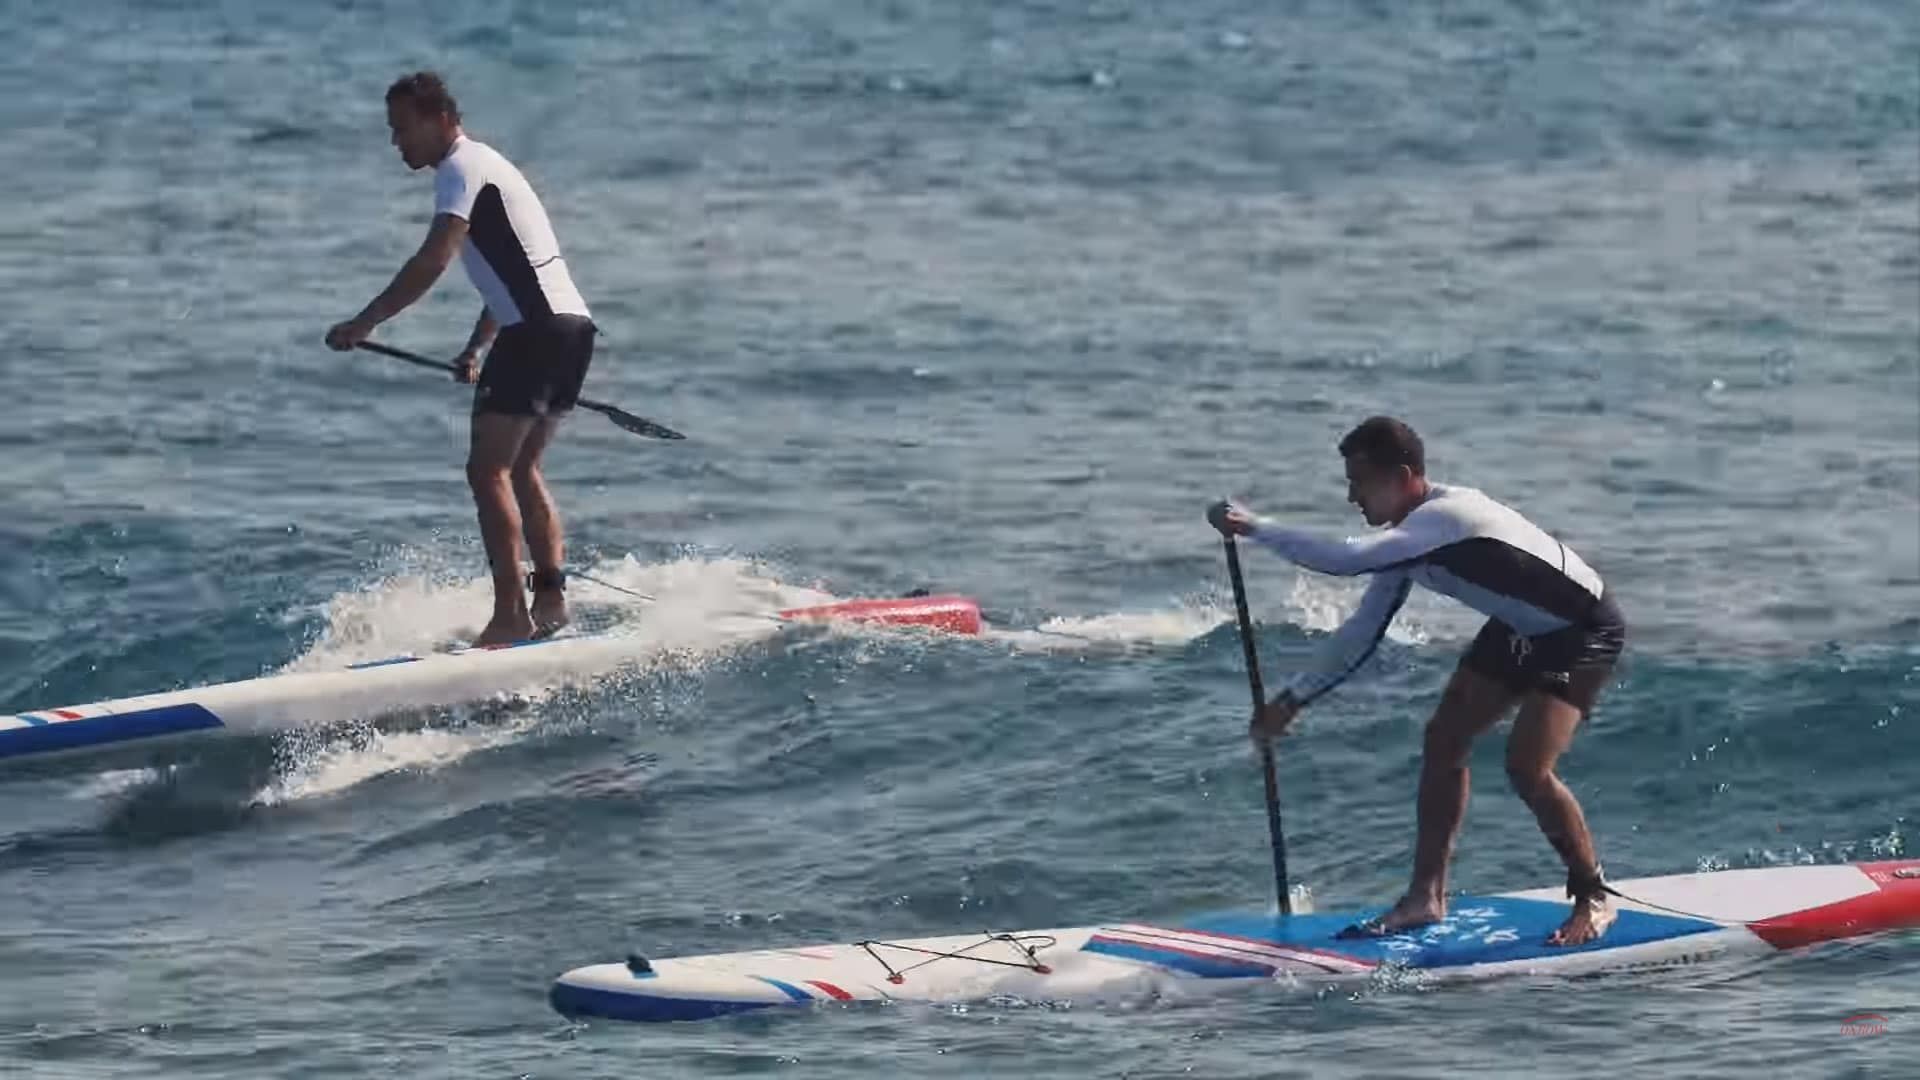 Vidéo stand up paddle des frères Teulades aux Canaries